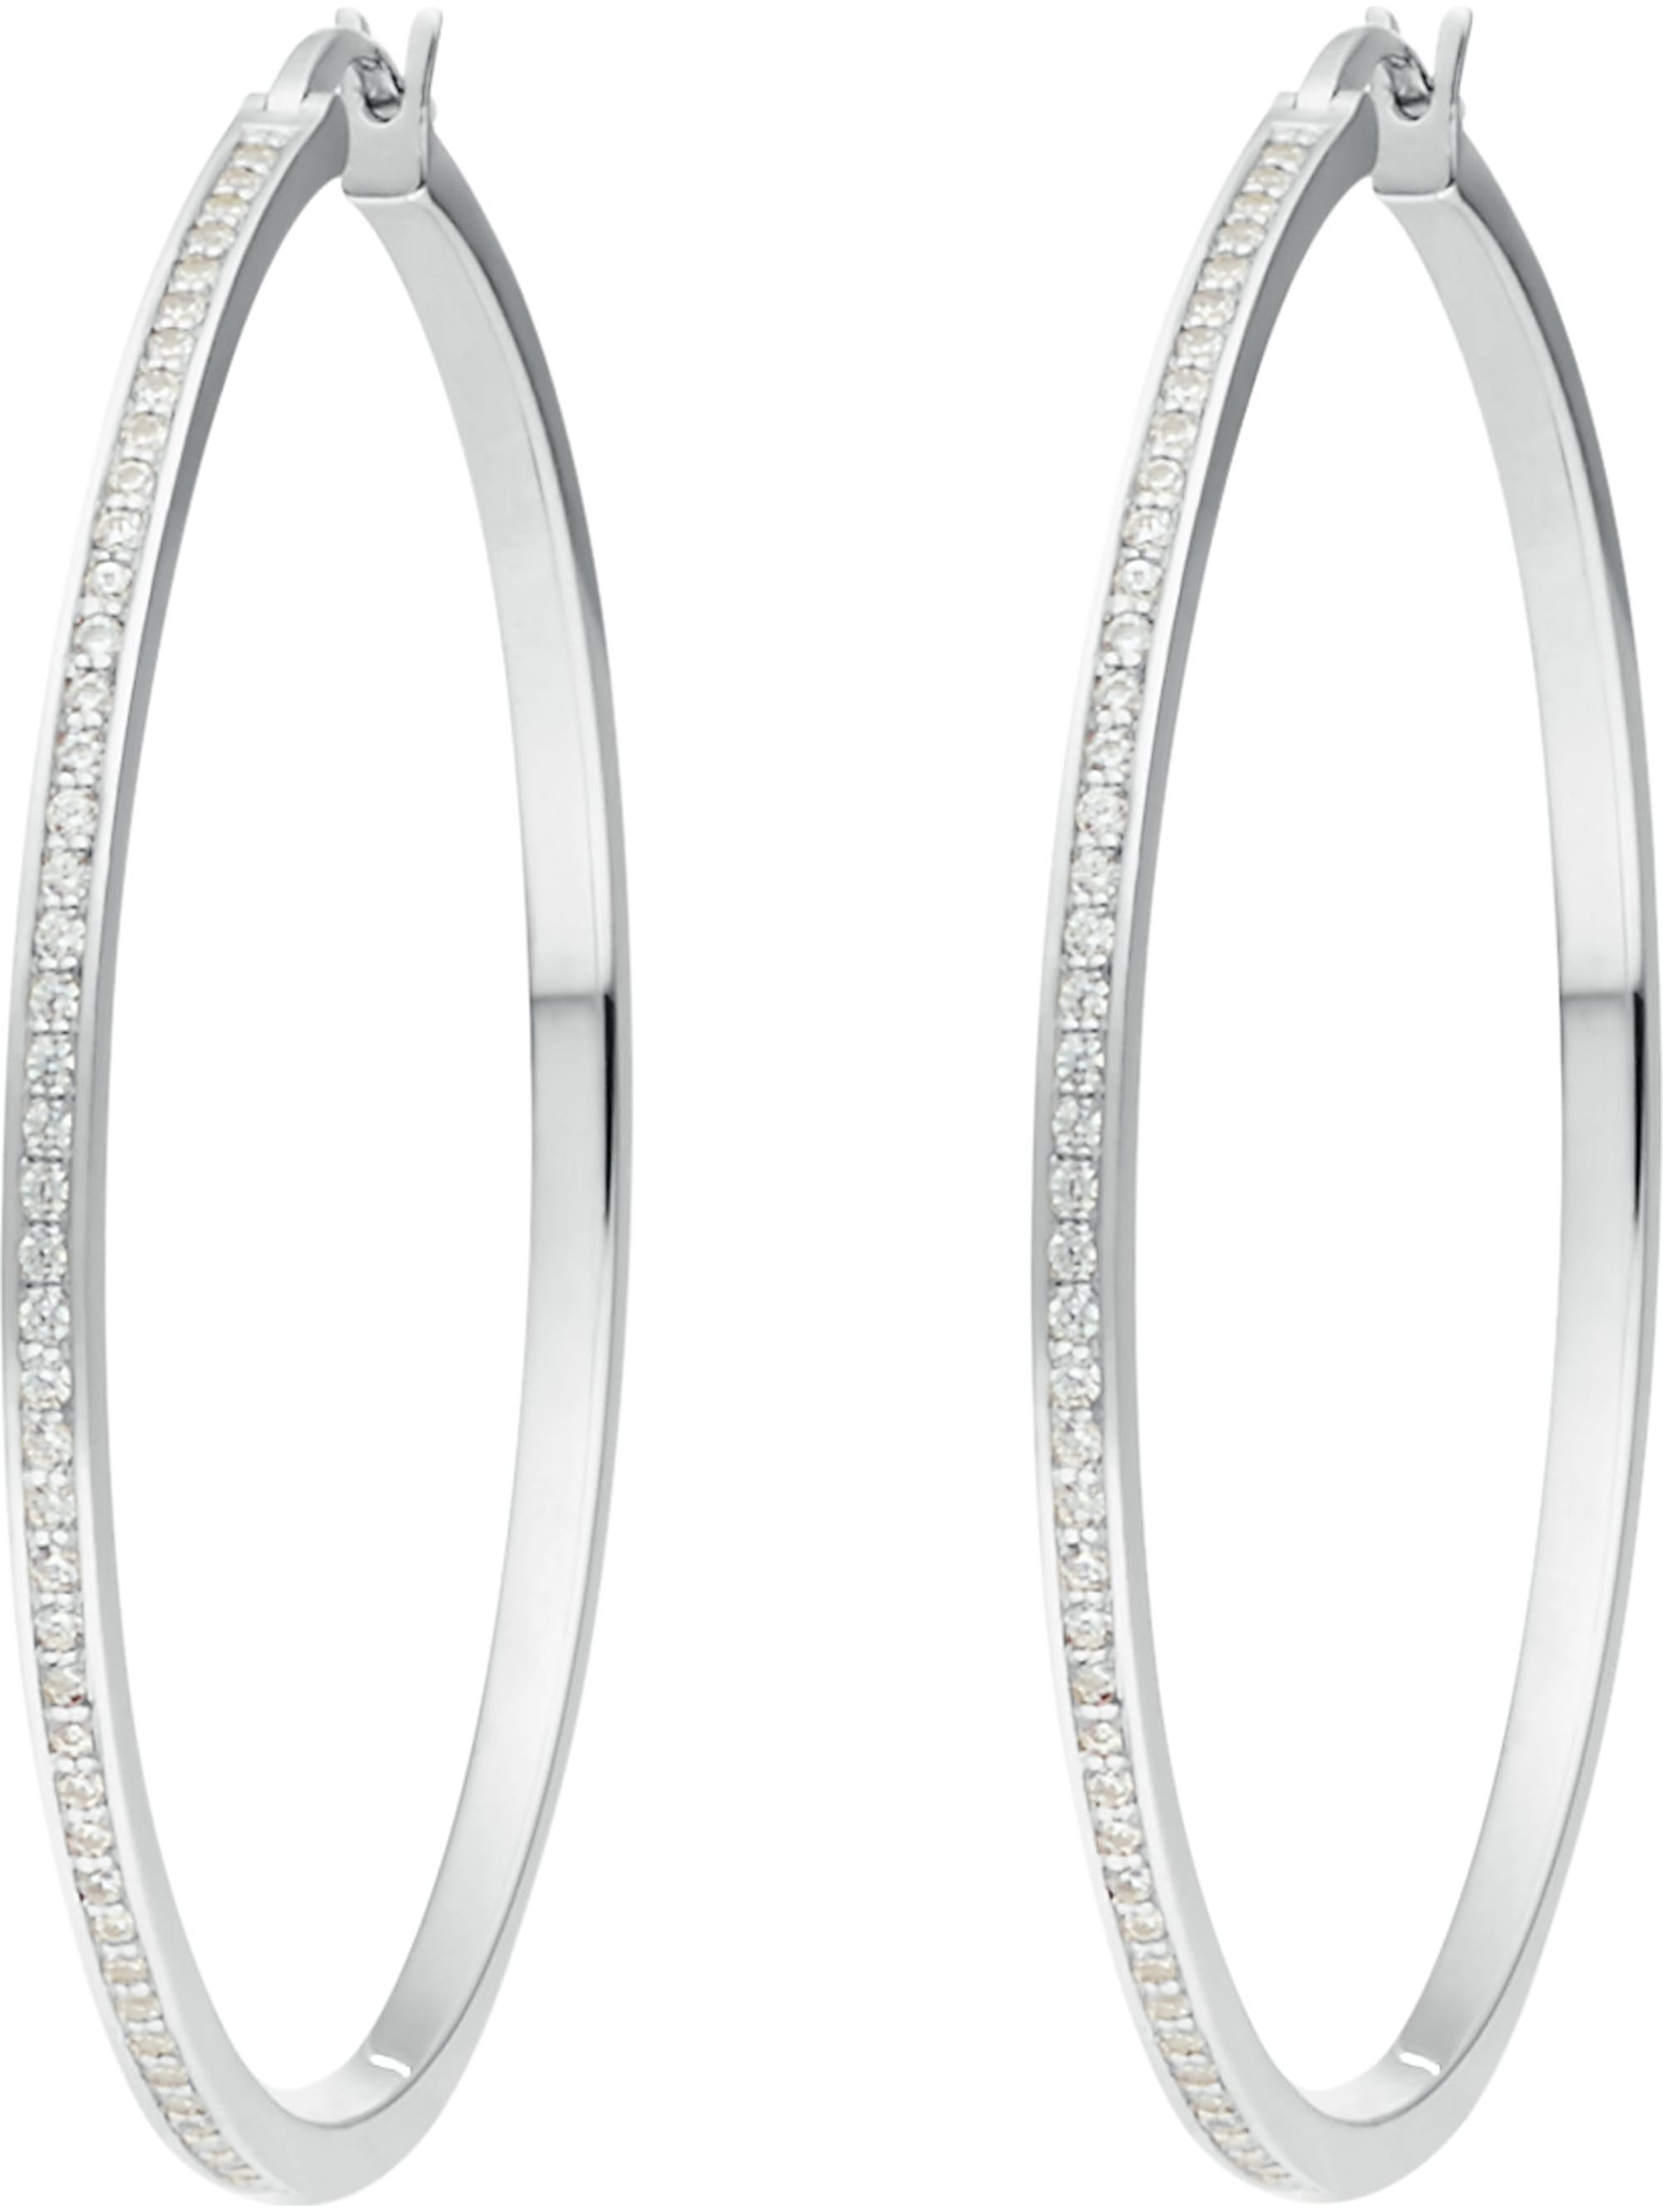 Jette JETTE Silver Damen-Creolen 925er Silber 116 Zirkonia D8bgV